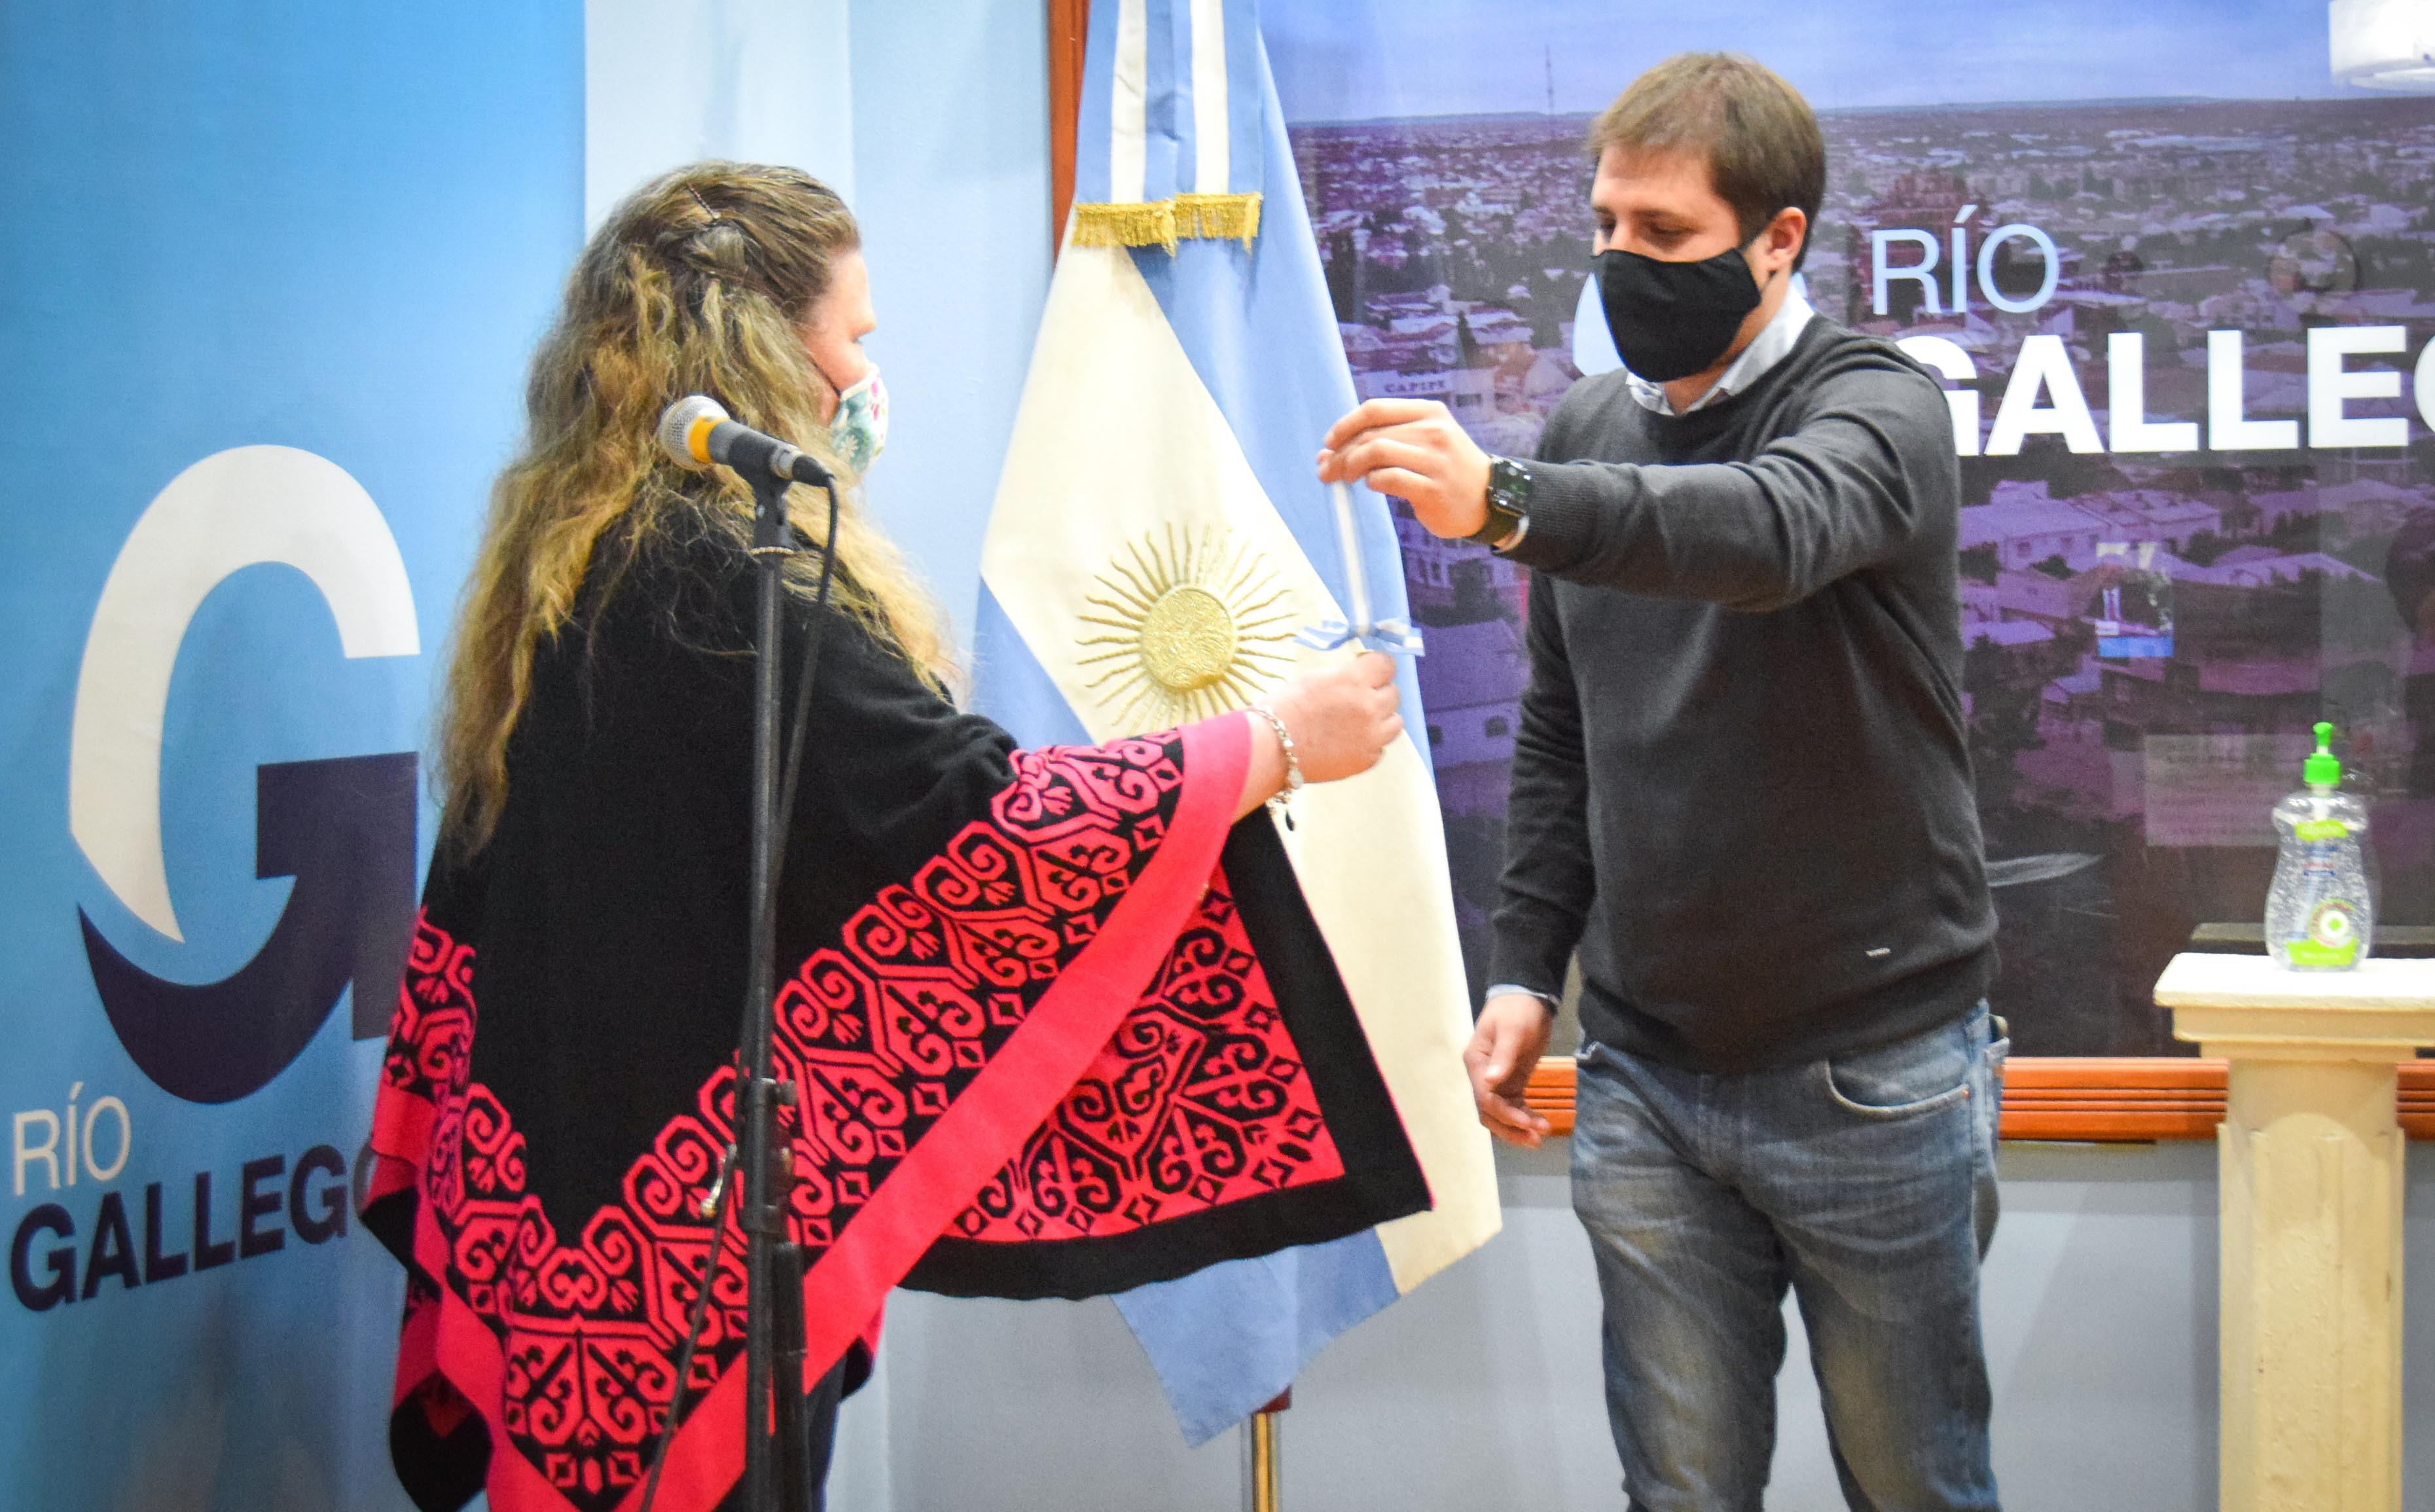 El intendente Pablo Grasso y el ministro de Gobierno, Leandro Zuliani, estuvieron junto a dos beneficiarias del plan